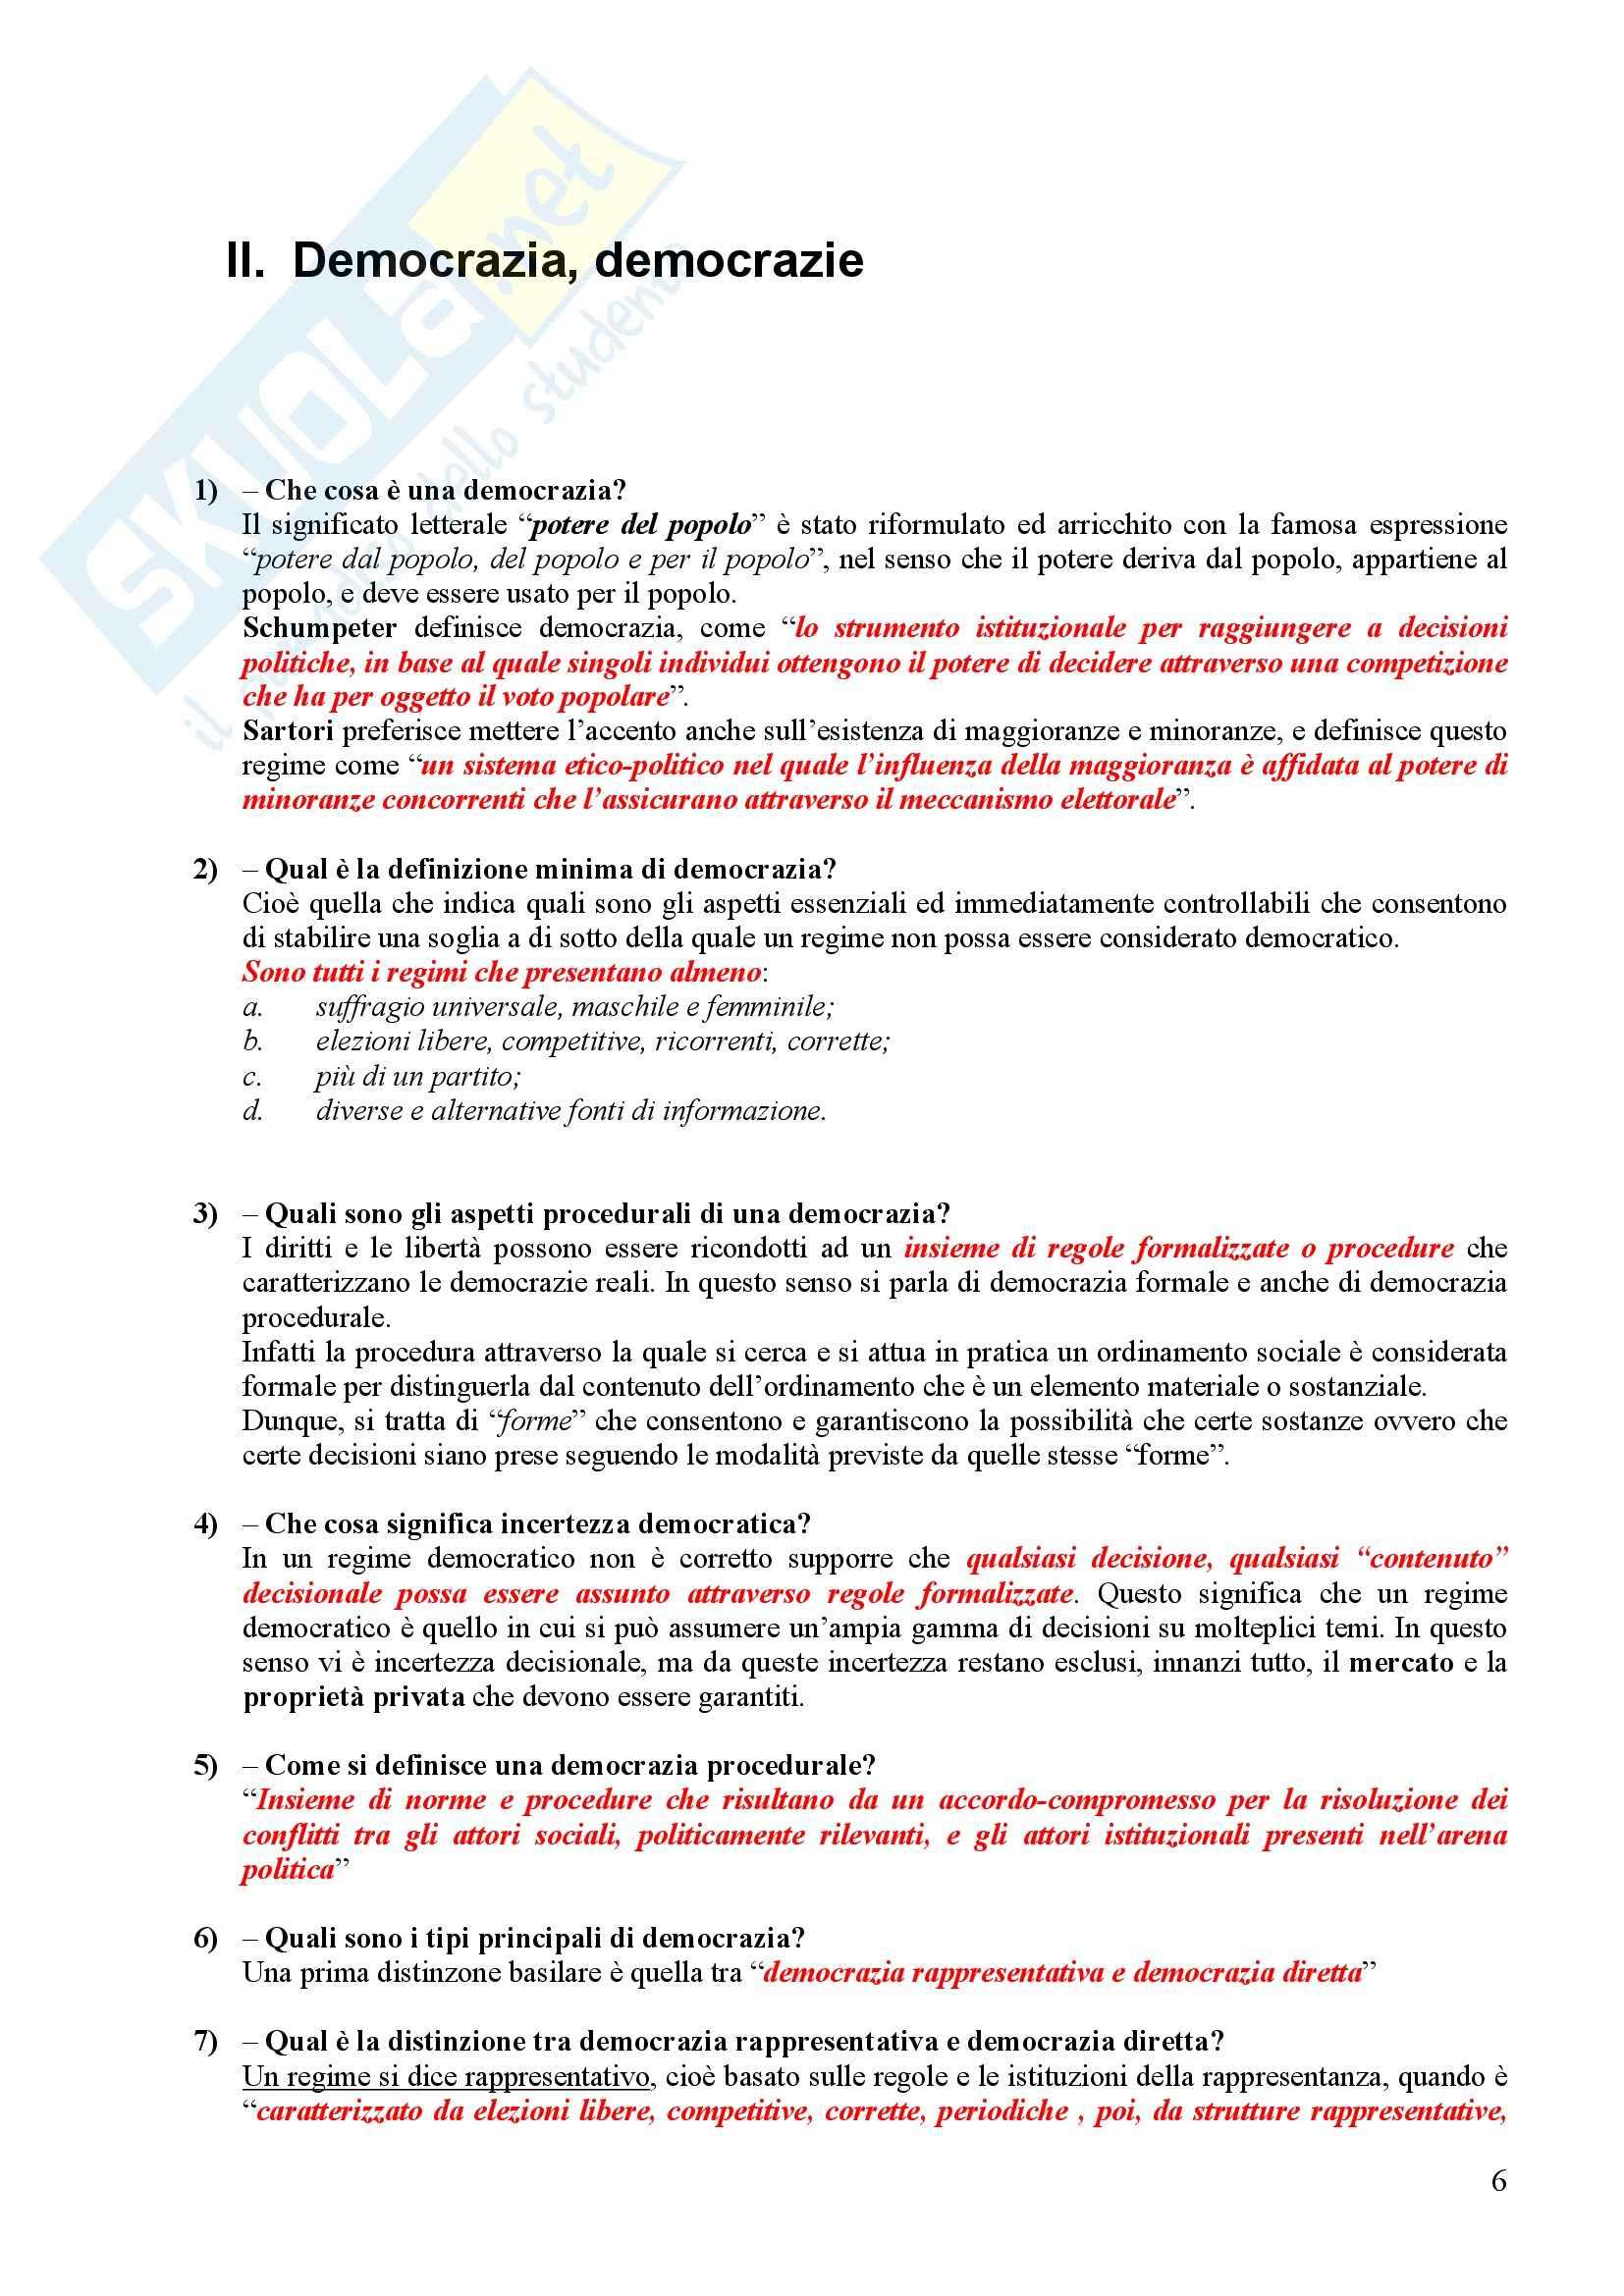 Scienza politica - Domande e risposte Pag. 6